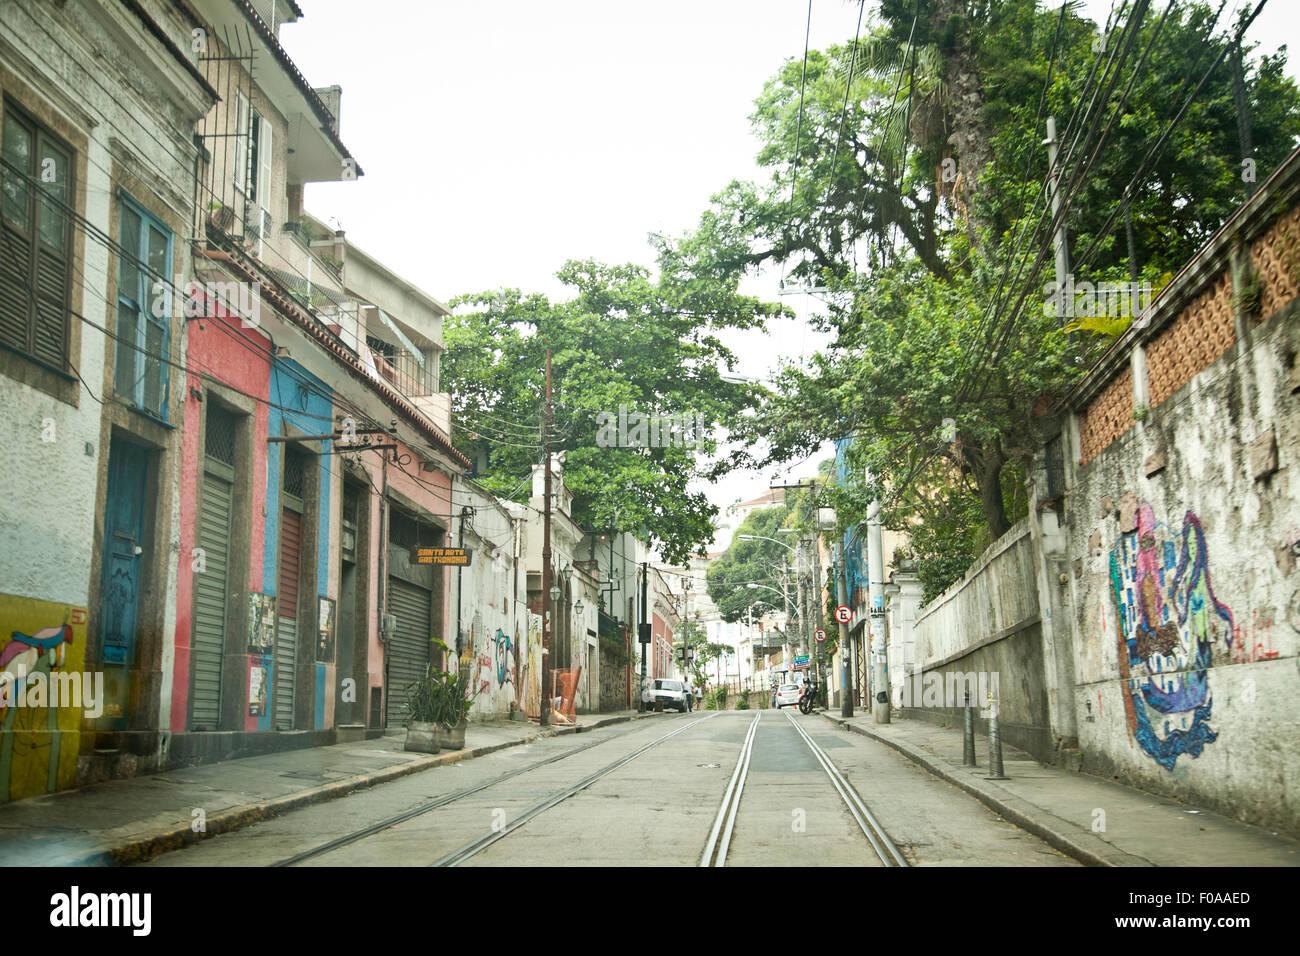 Empty, urban street with tram rails, Rio de Janeiro, Brazil Stock Photo